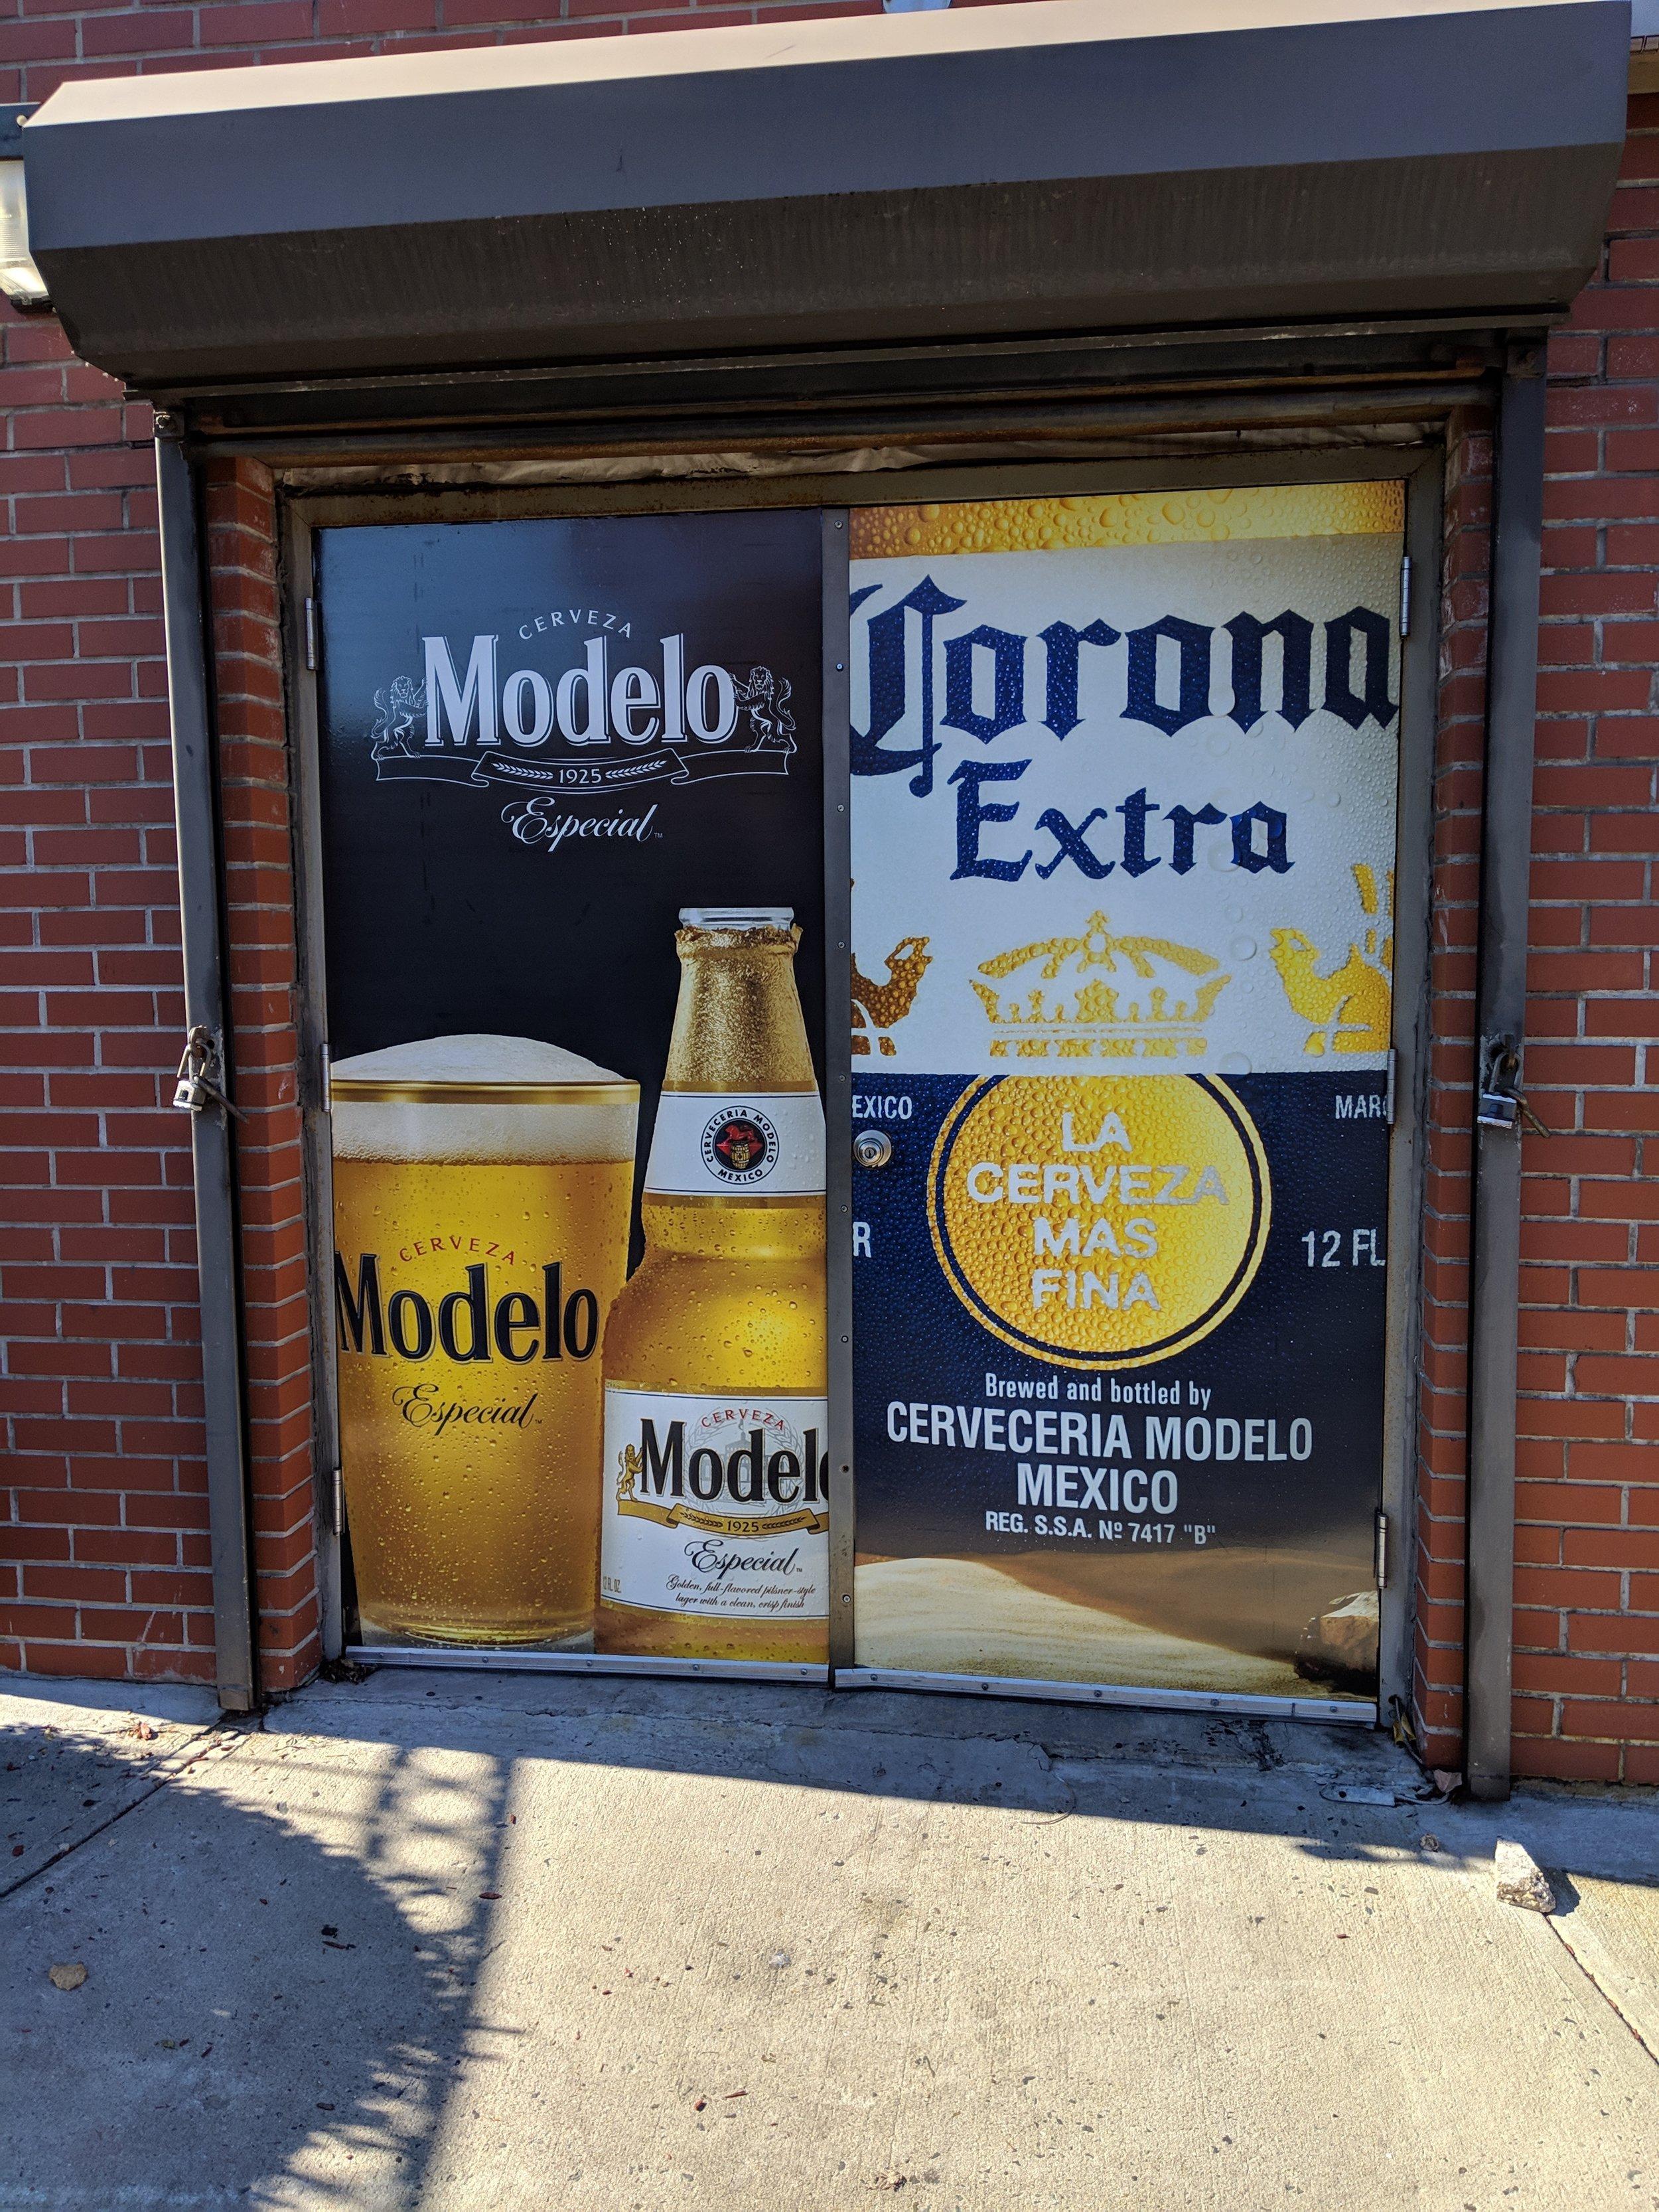 US 1 Liquors Perth Amboy NJ